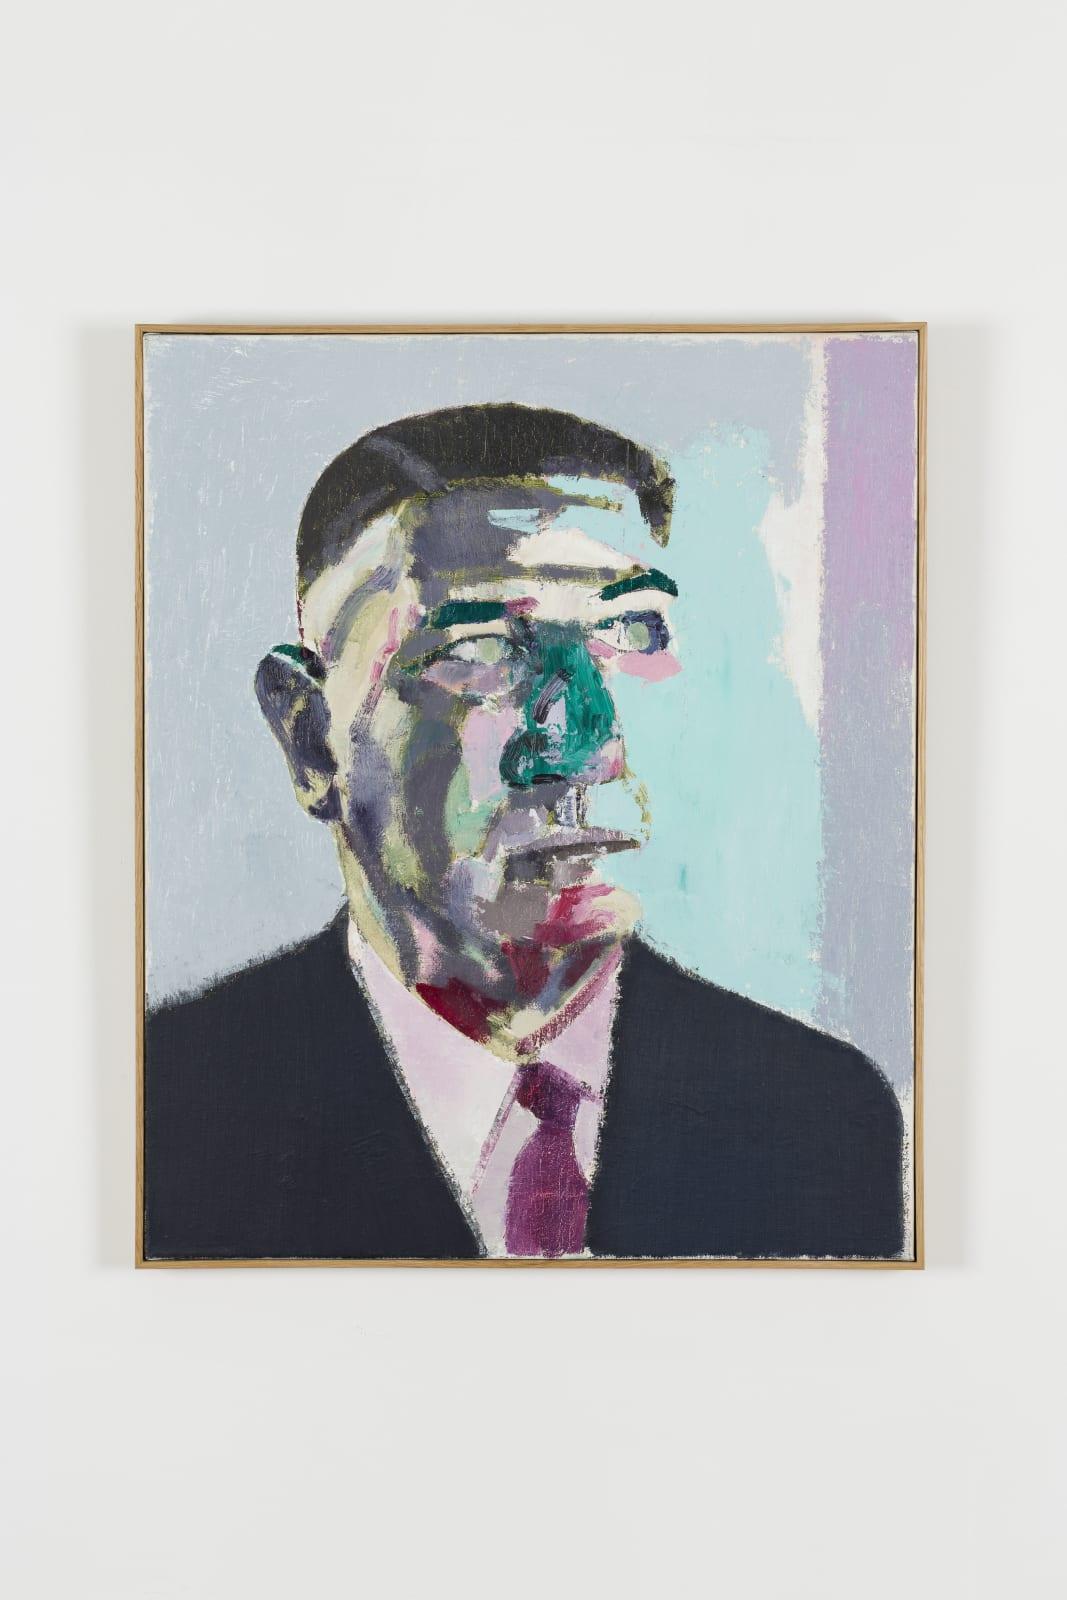 Alex van Warmerdam, Man met paarse stropdas, 2018